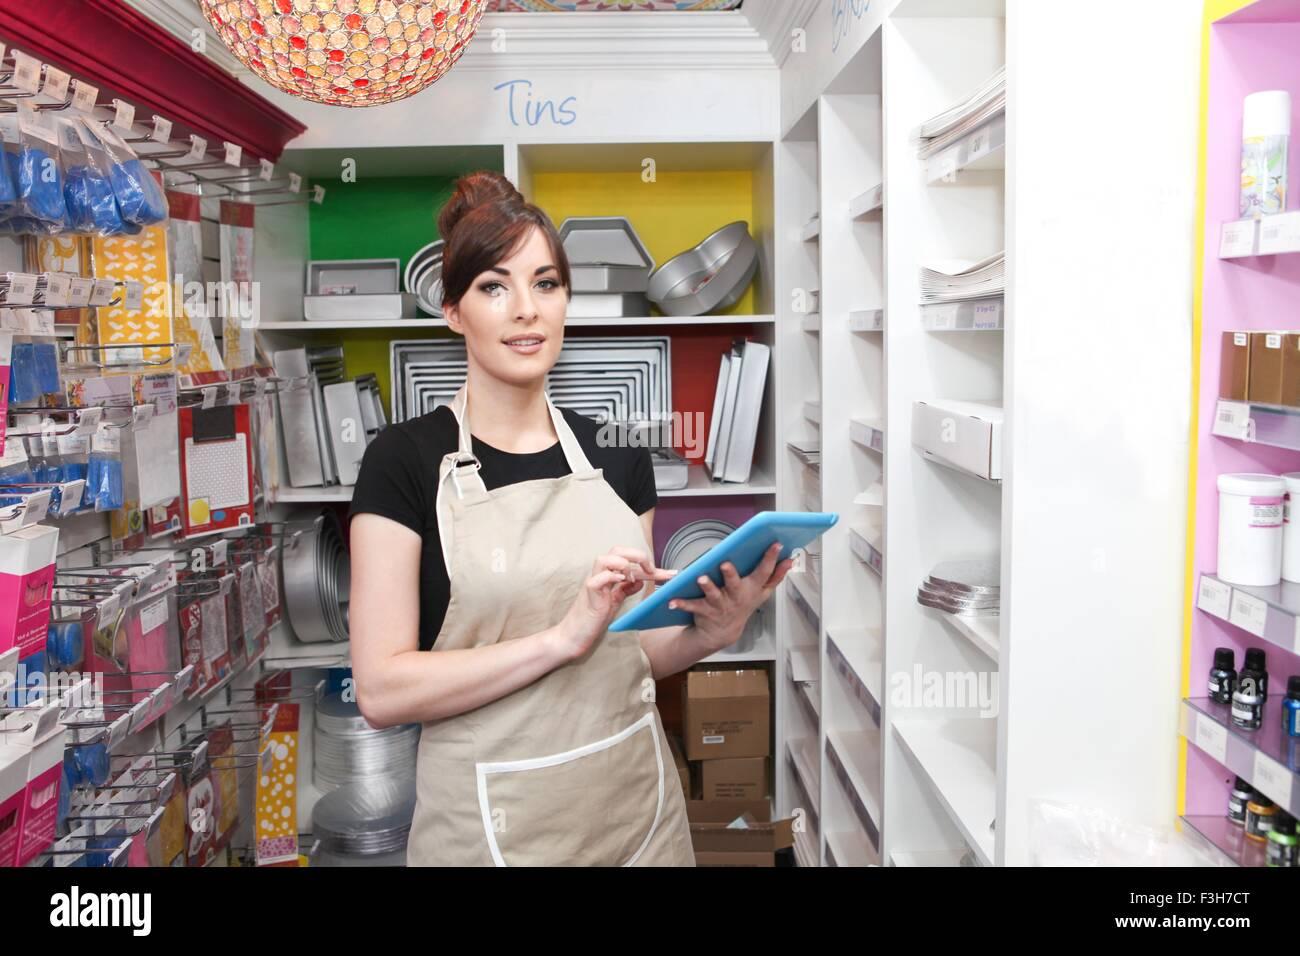 Jeune femme travaillant dans une pâtisserie, holding digital tablet, comptage stock Photo Stock